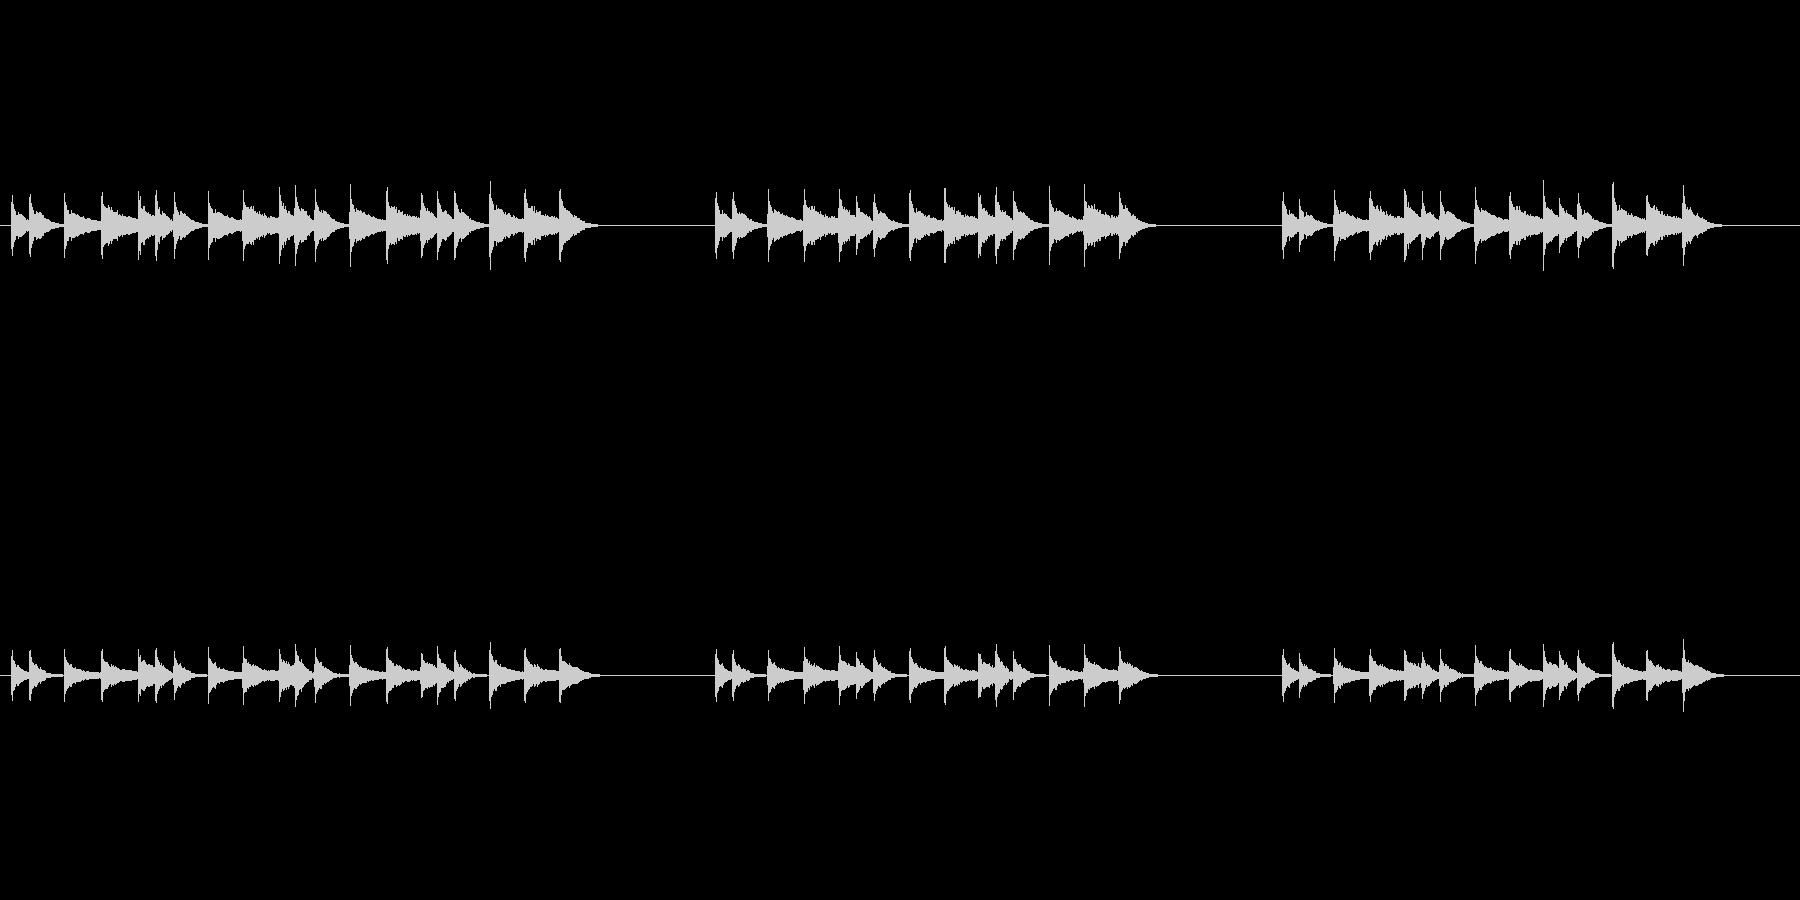 エスニックで調子外れなリズムフレーズの未再生の波形